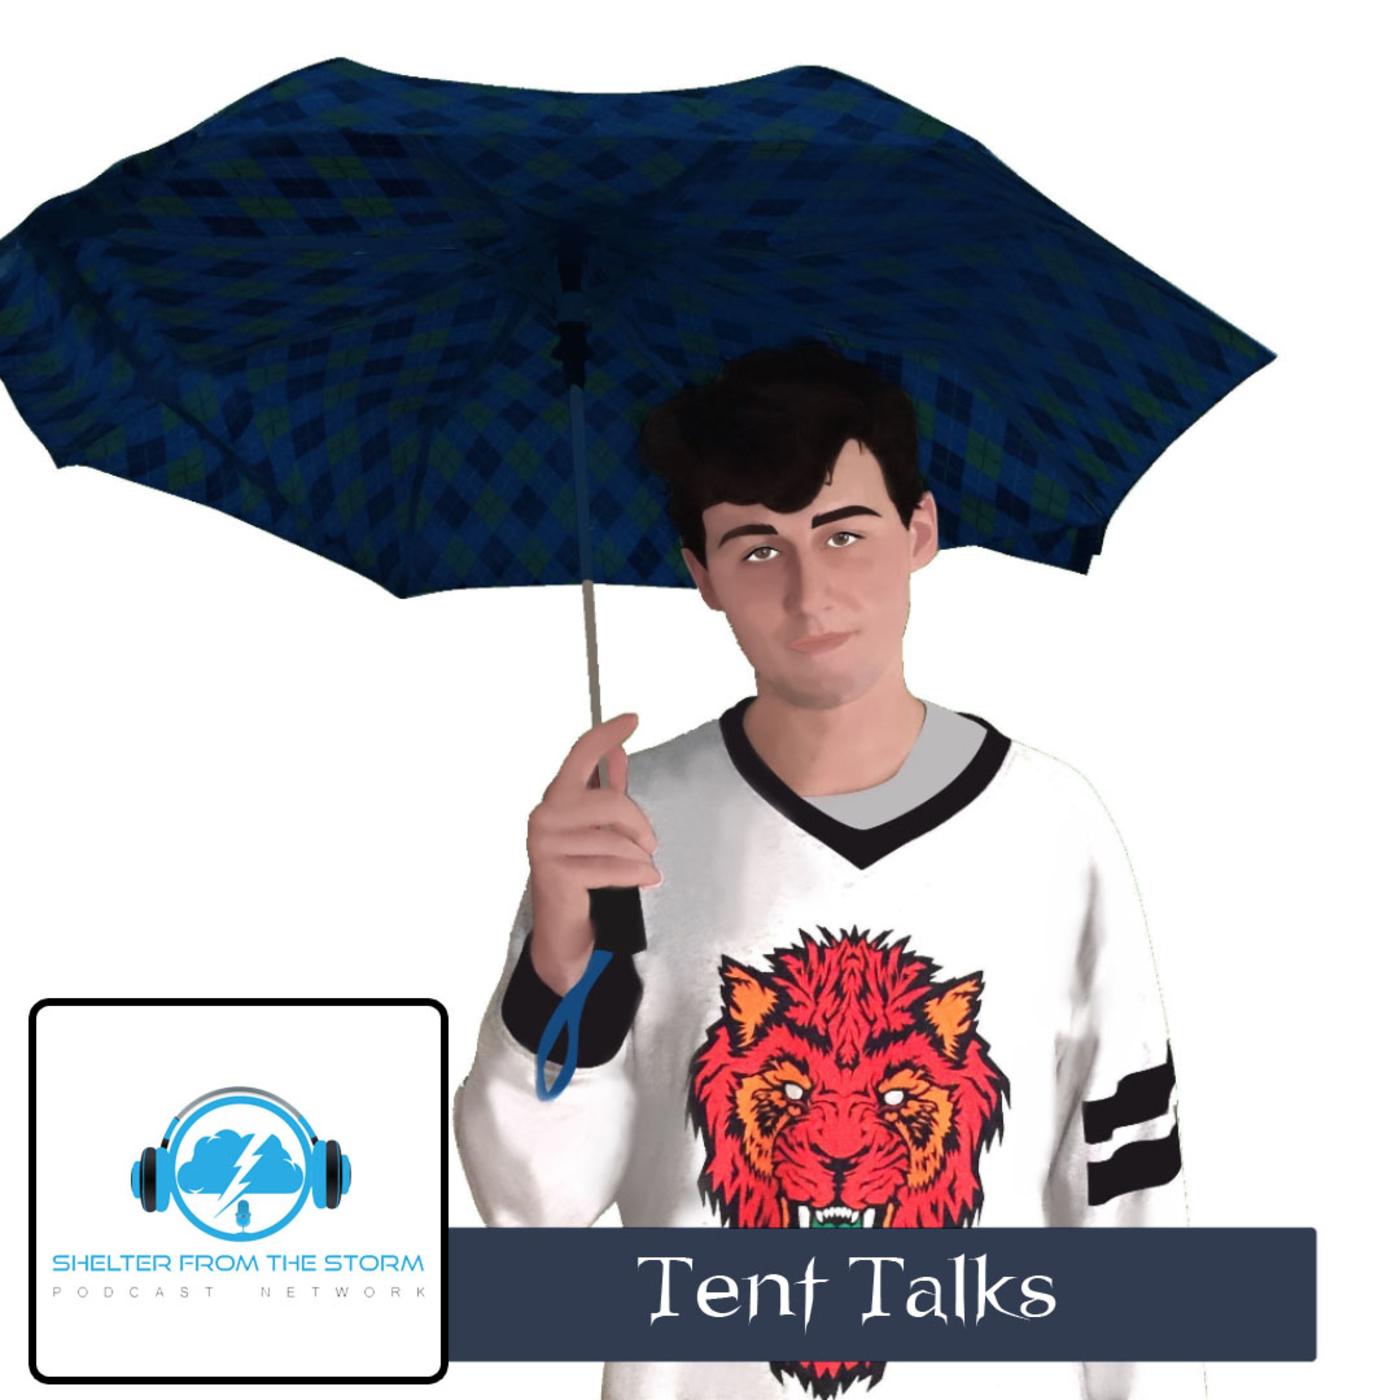 Tent Talks